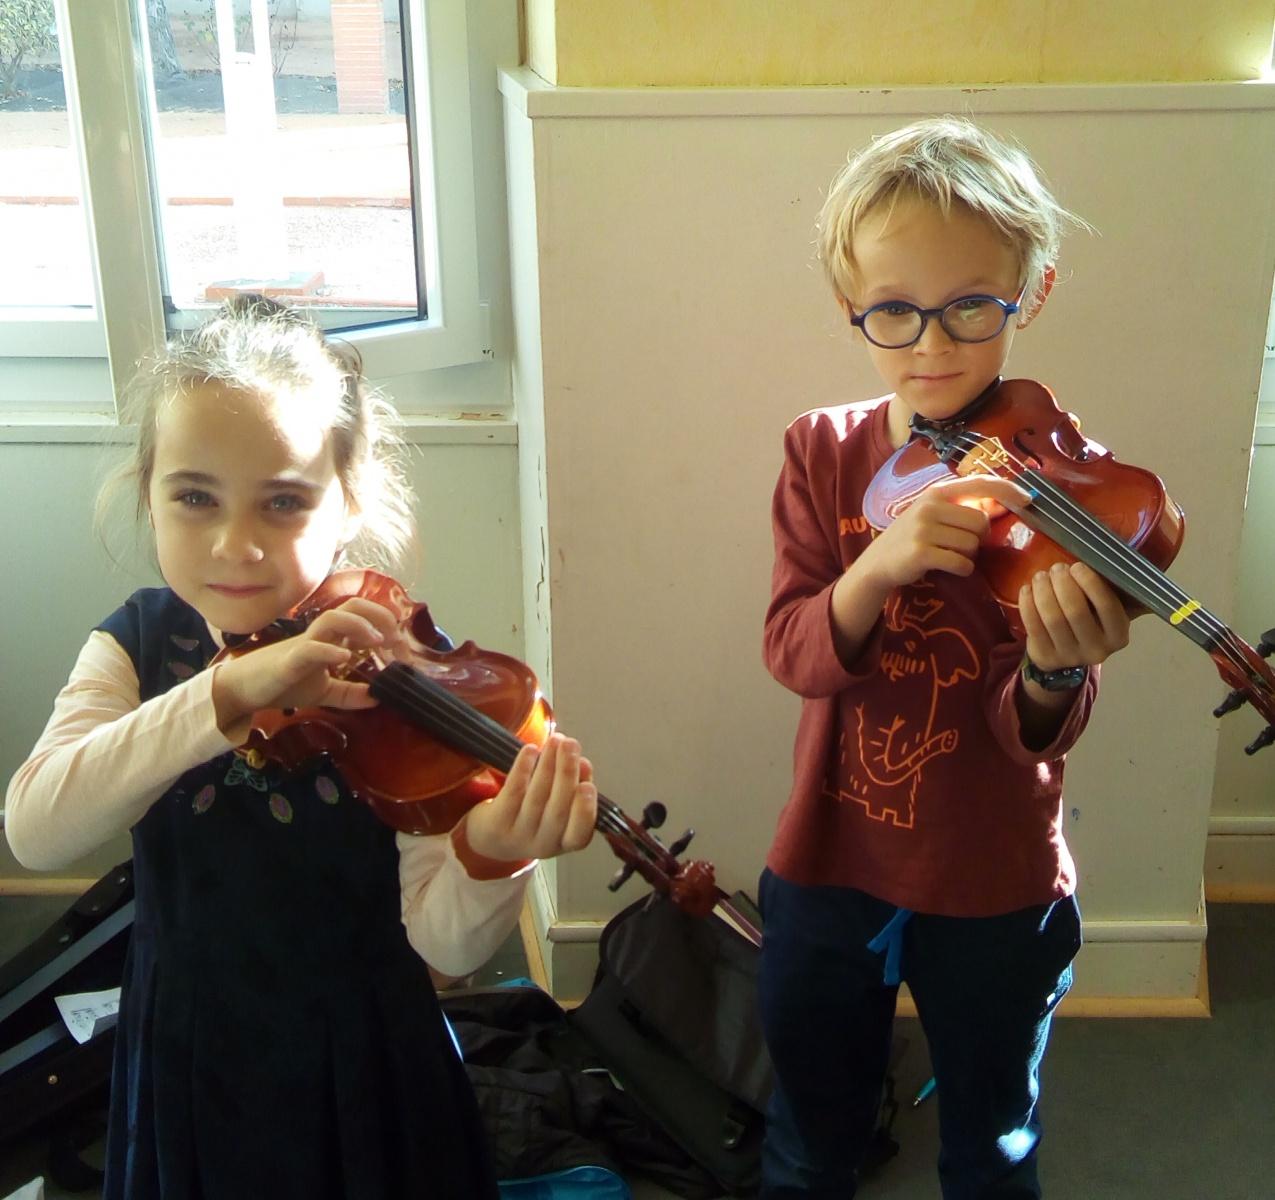 IMG_20181208_115155-violon-petits-sympas